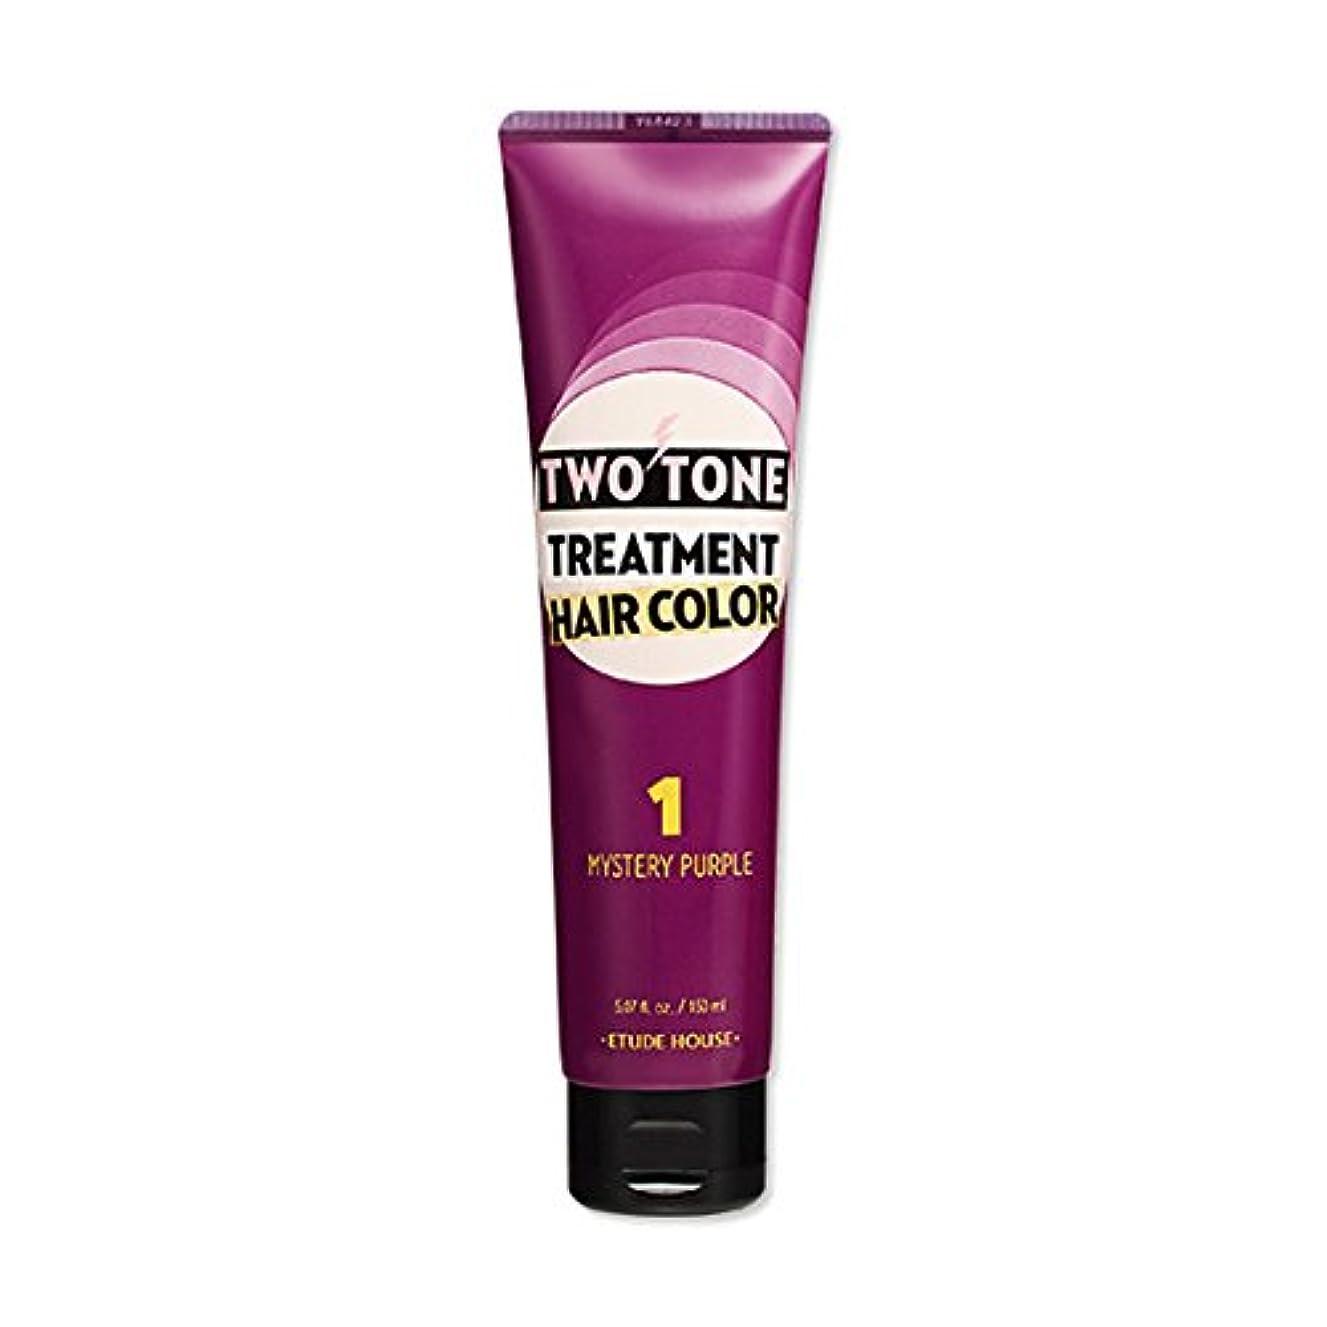 ミッション無意味火山ETUDE HOUSE Two Tone Treatment Hair Color 1.MYSTERY PURPLE / エチュードハウス ツートントリートメントヘアカラー150ml (1.MYSTERY PURPLE) [並行輸入品]